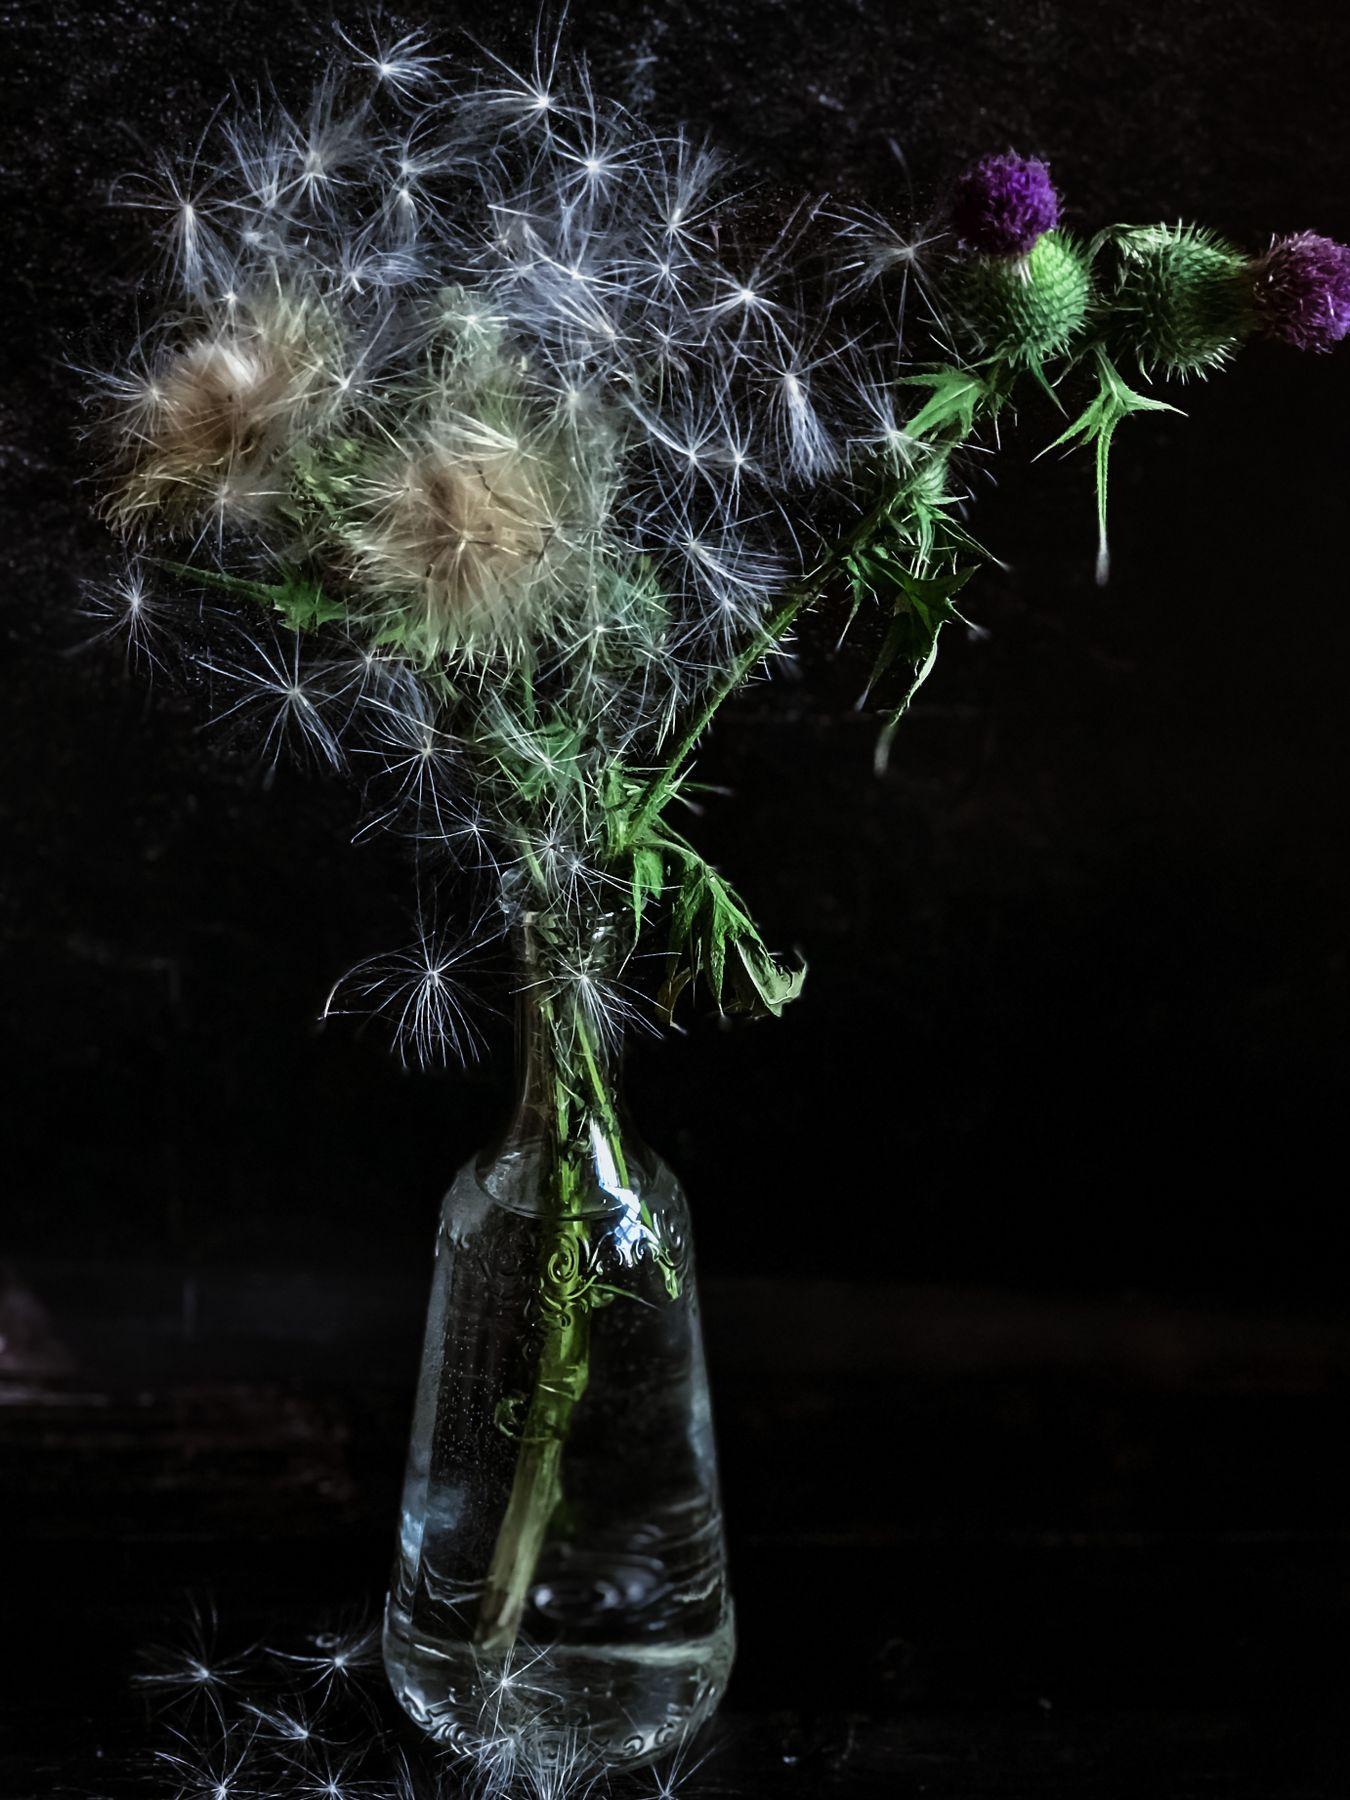 Пушистый чертополох Цветы чертополох натюрморт колючки